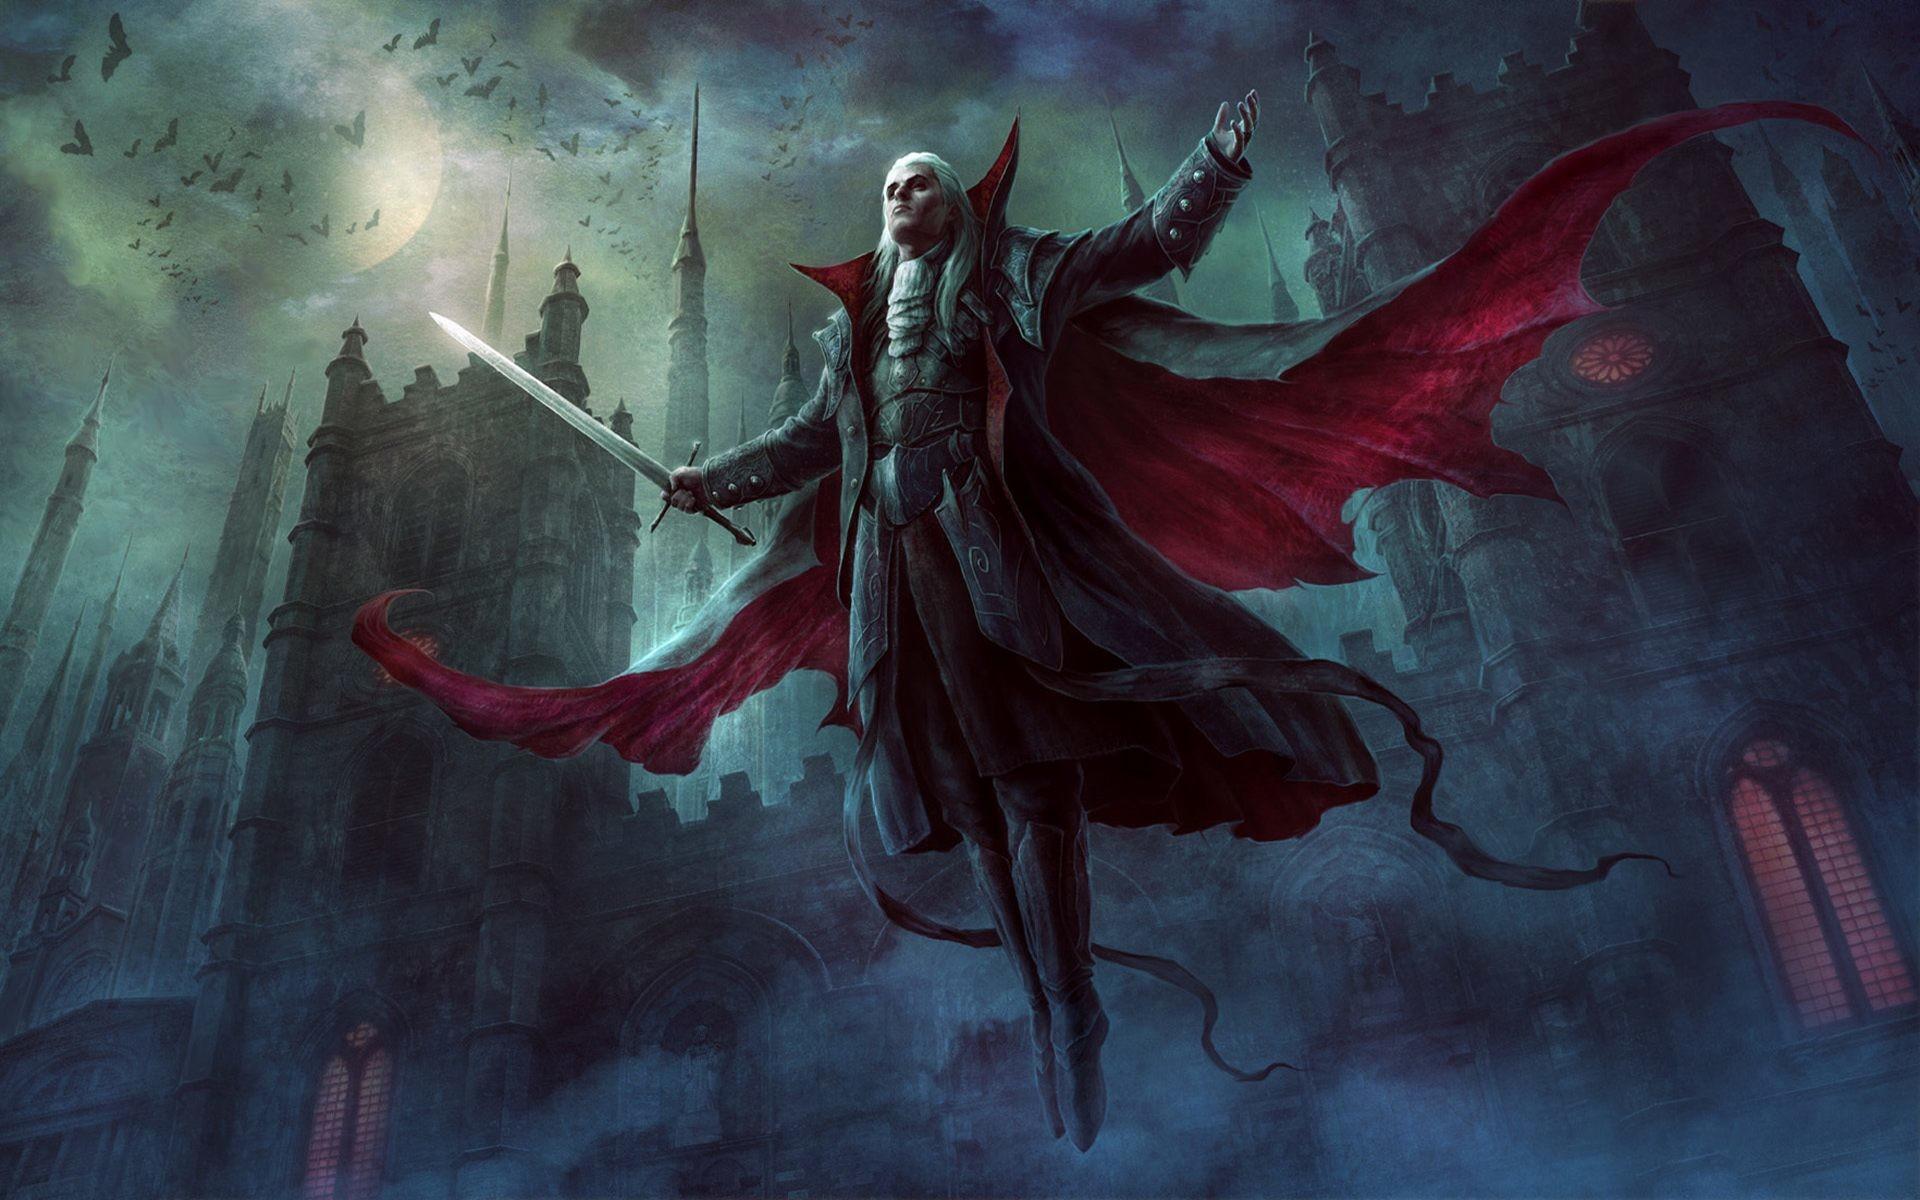 Evil vampire wallpaper hd